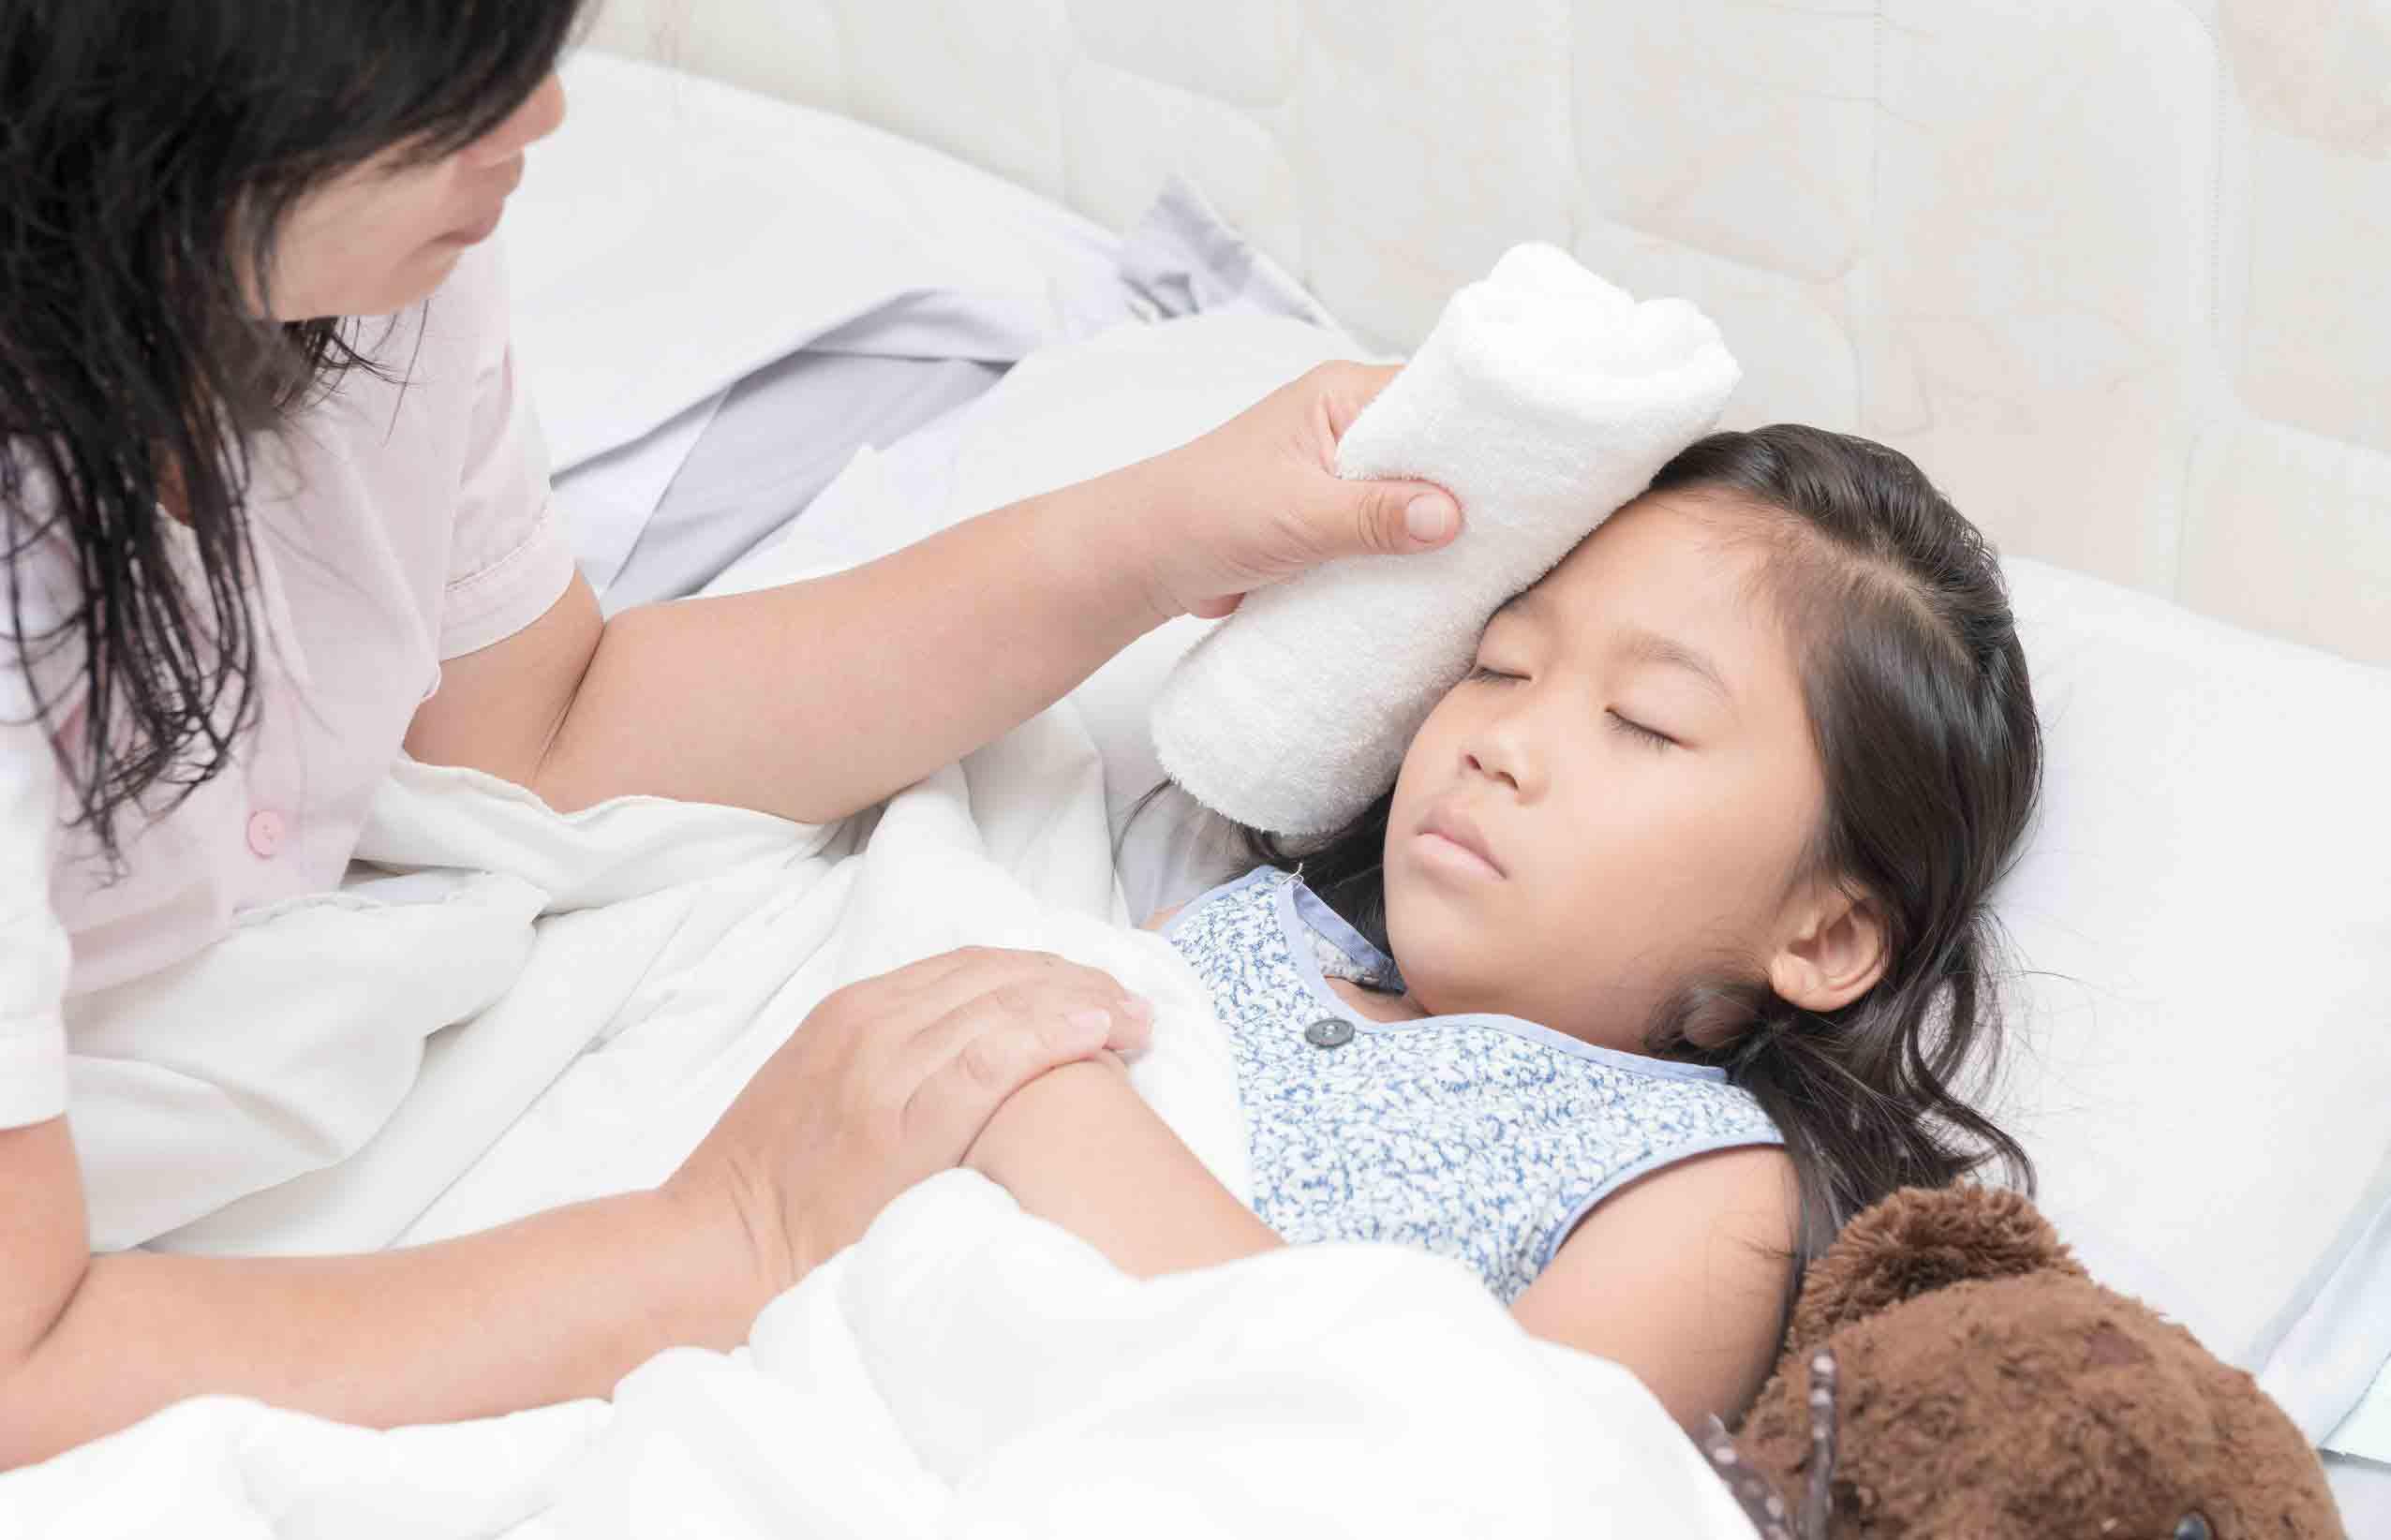 درمان تب و لرز در خانه با آب سرد | مرکز خدمات پرستاری در منزل مهرپرور